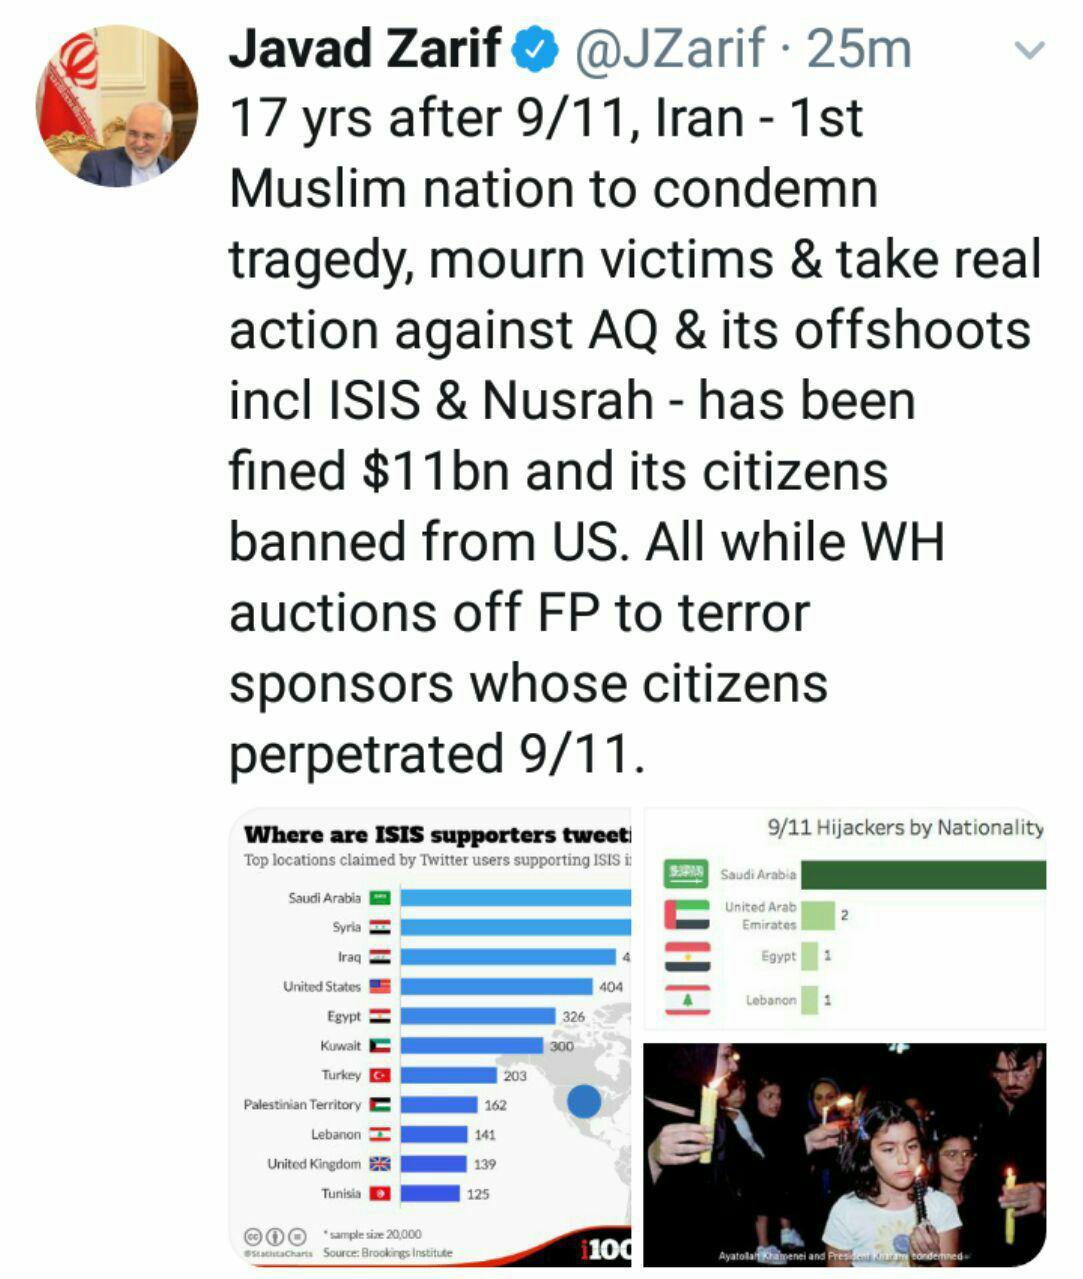 ظریف: سیاست خارجی آمریکا در اختیار حامیان ترور است